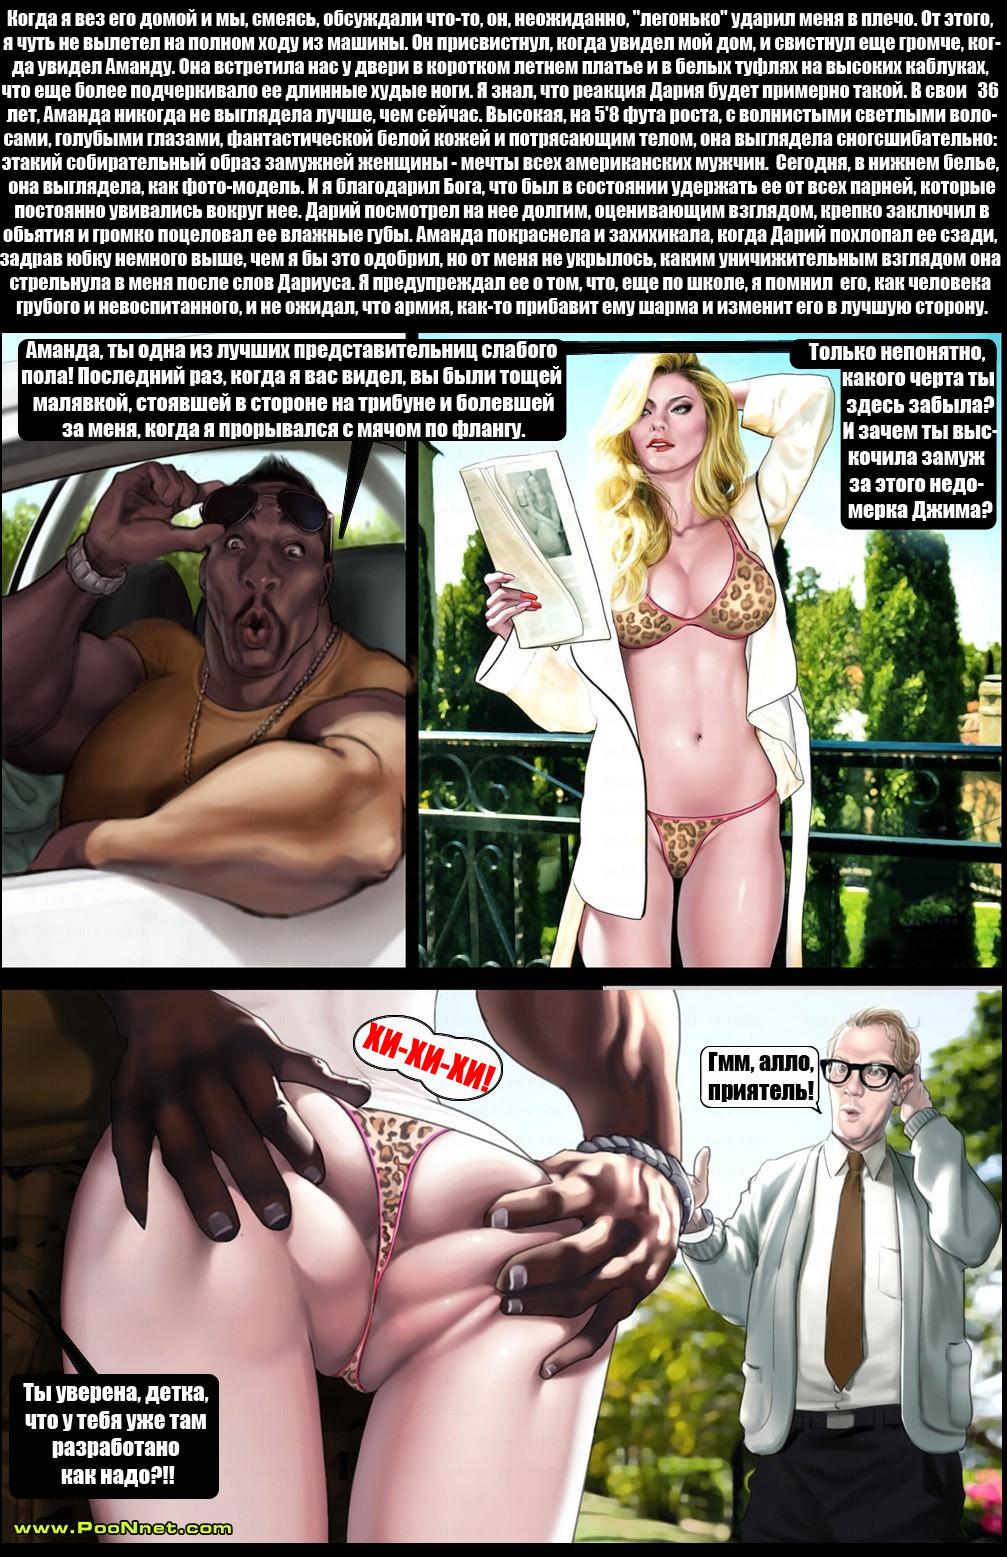 Эротические комиксы о полных женщинах 30 фотография